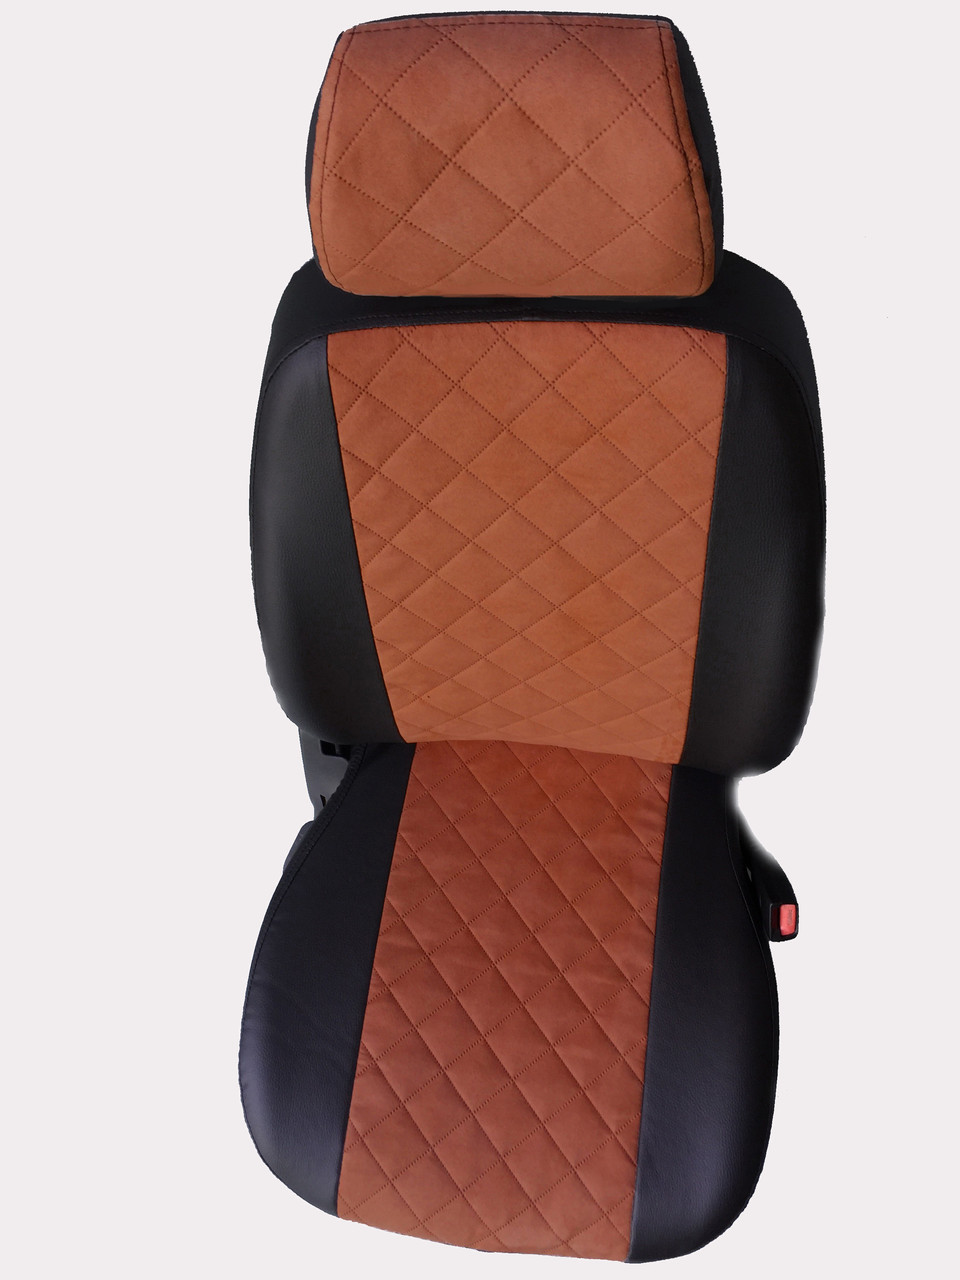 Чехлы на сиденья Джили МК2 (Geely MK2) (универсальные, экокожа+Алькантара, с отдельным подголовником)